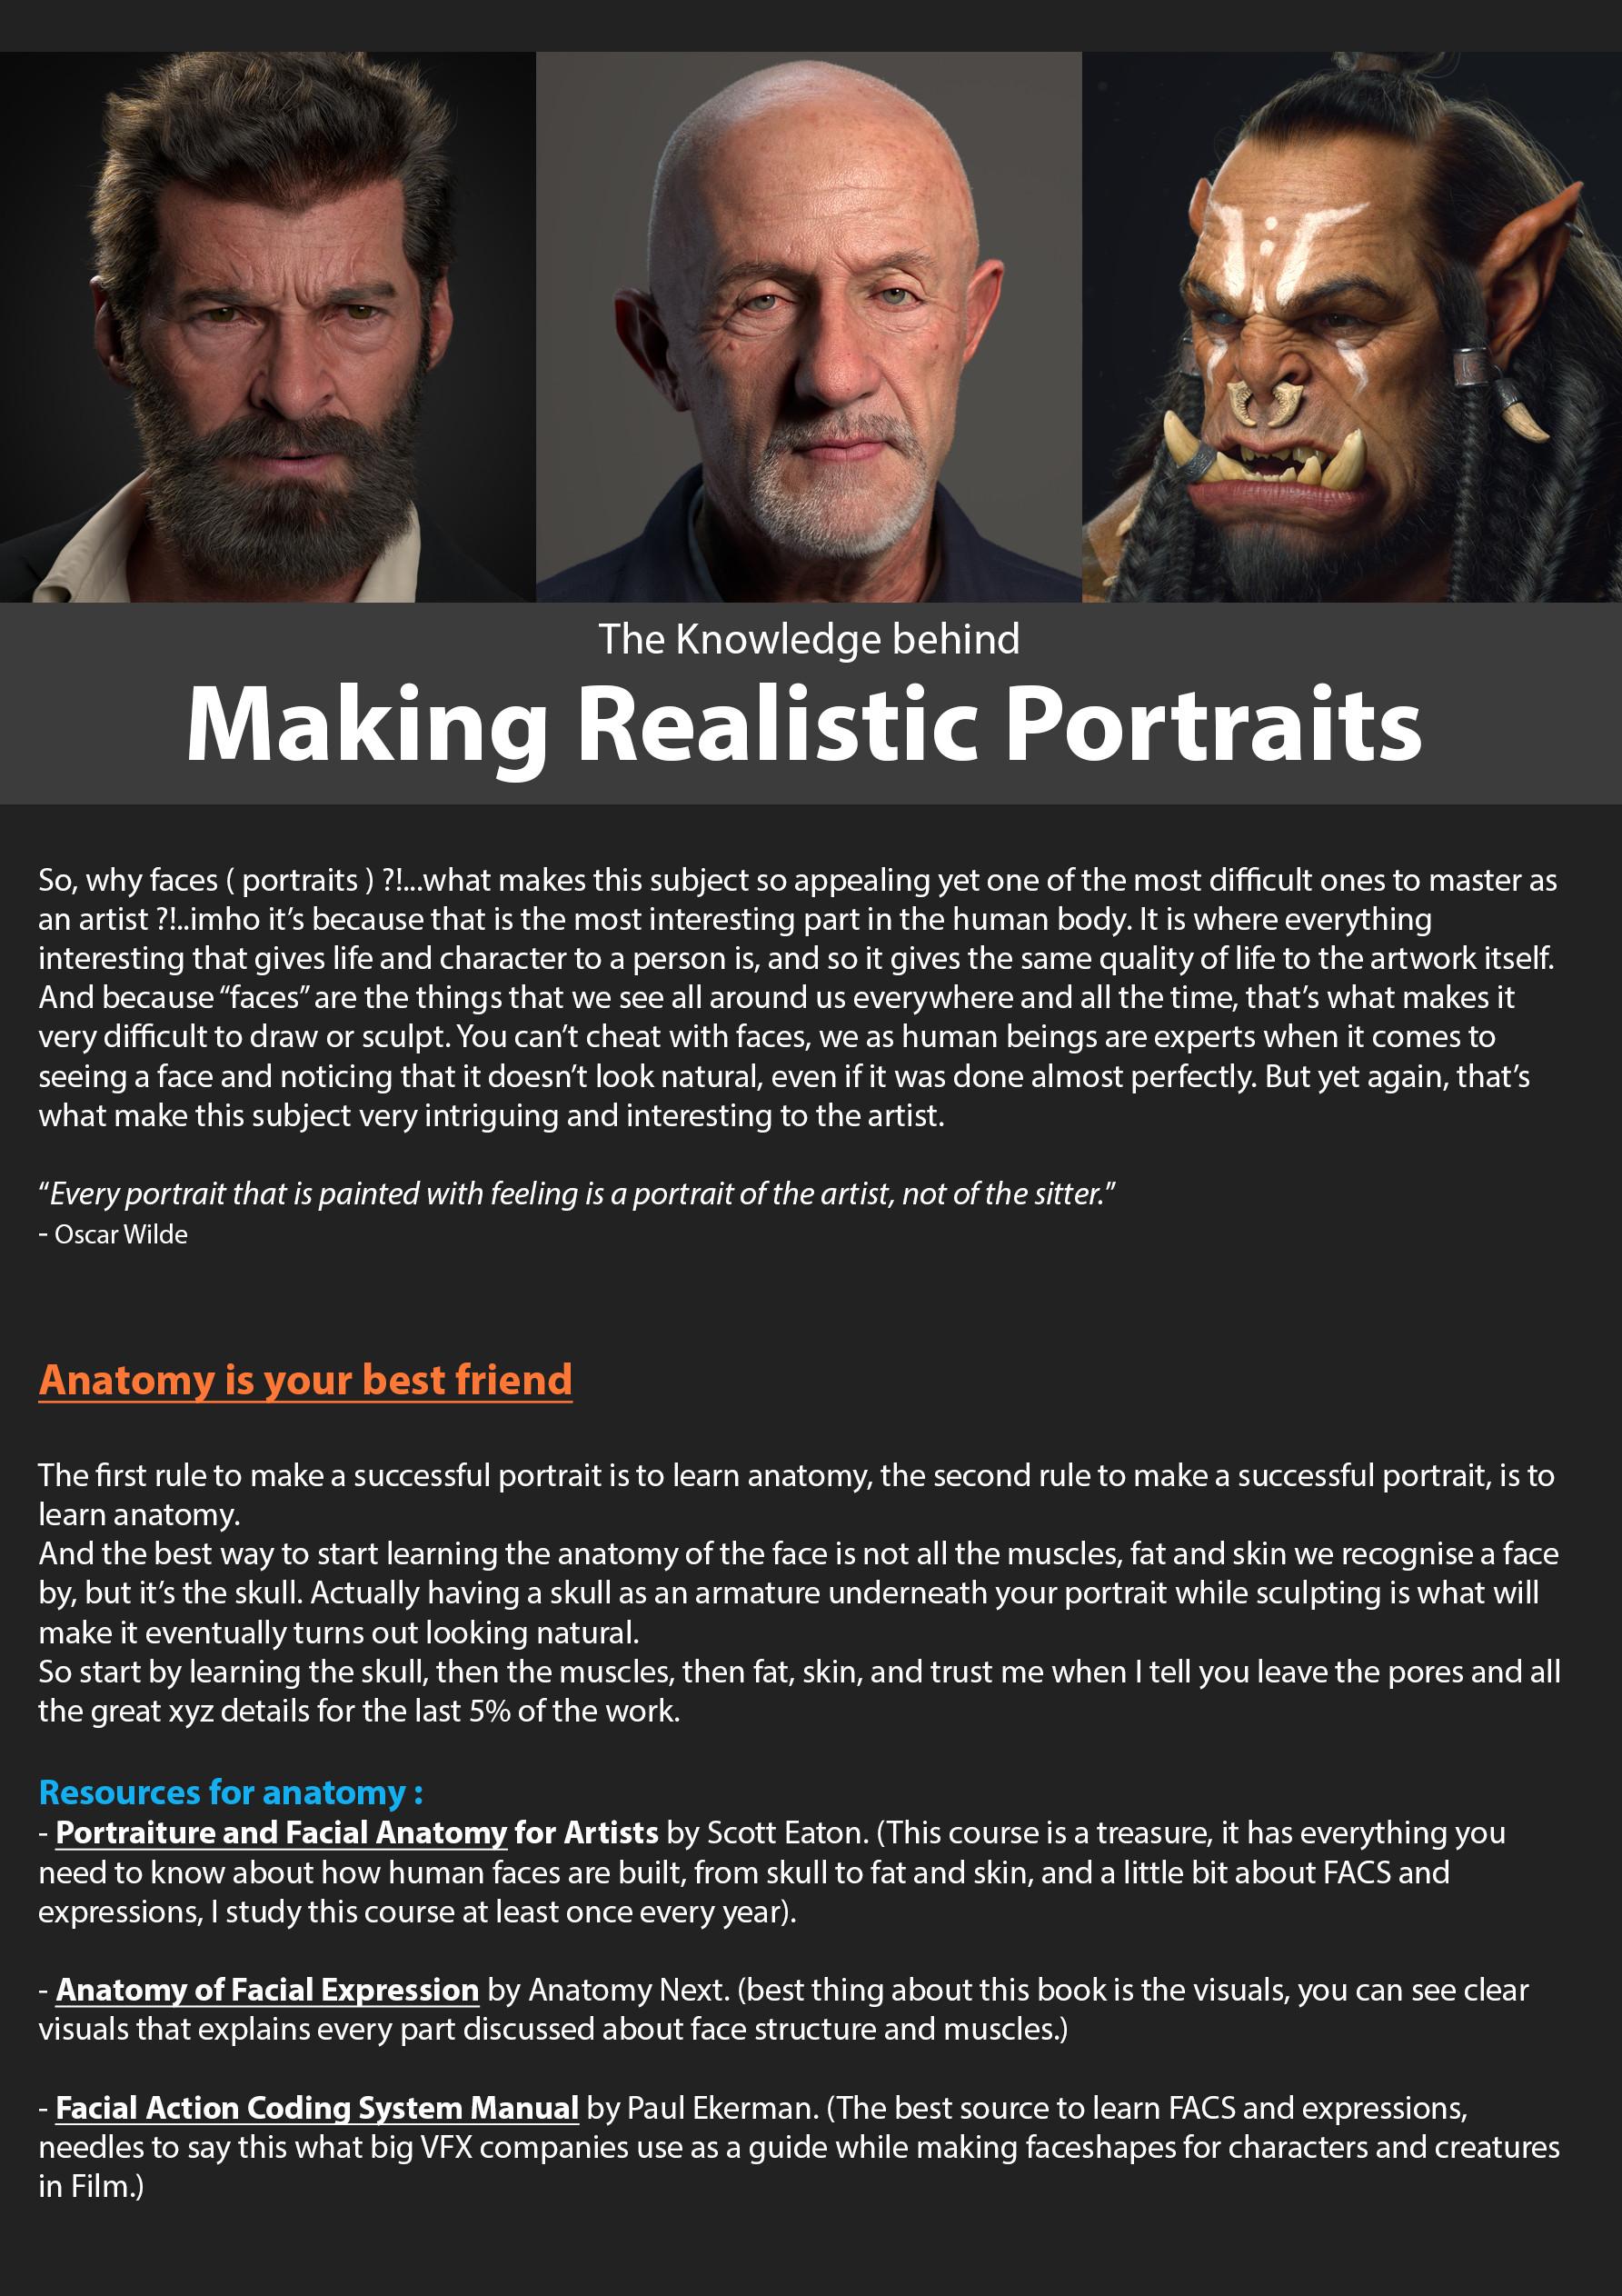 Making realistic 3d portraits